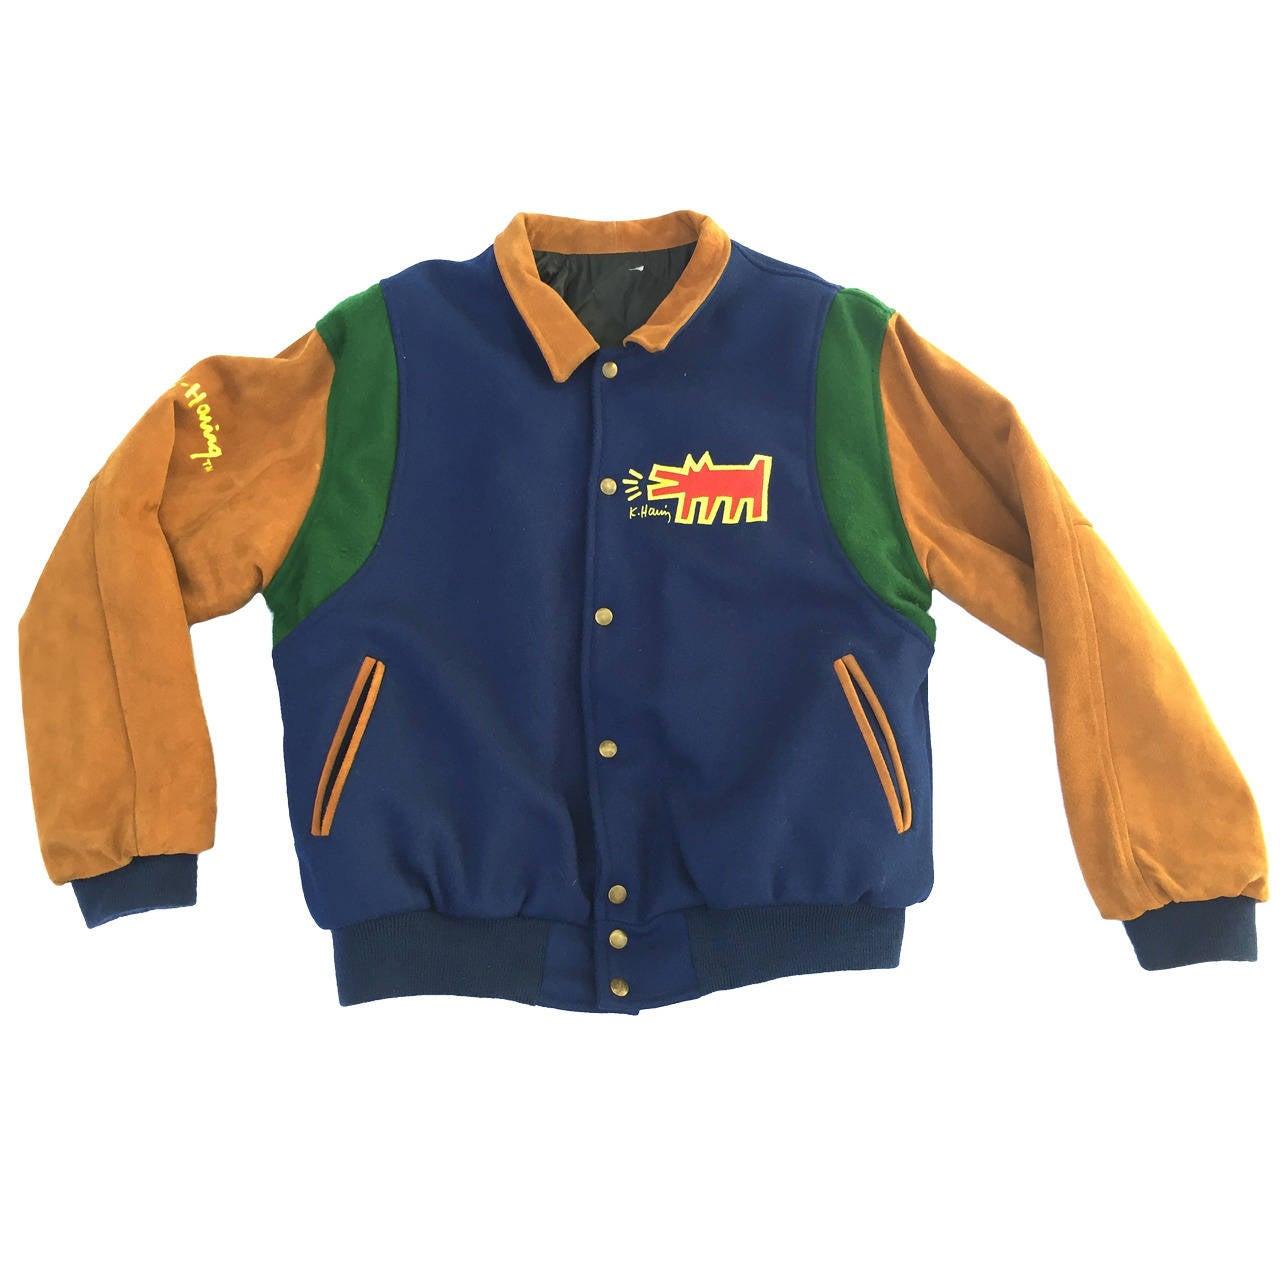 Keith Haring Barking Dog Varsity Men's Jacket Size Large.